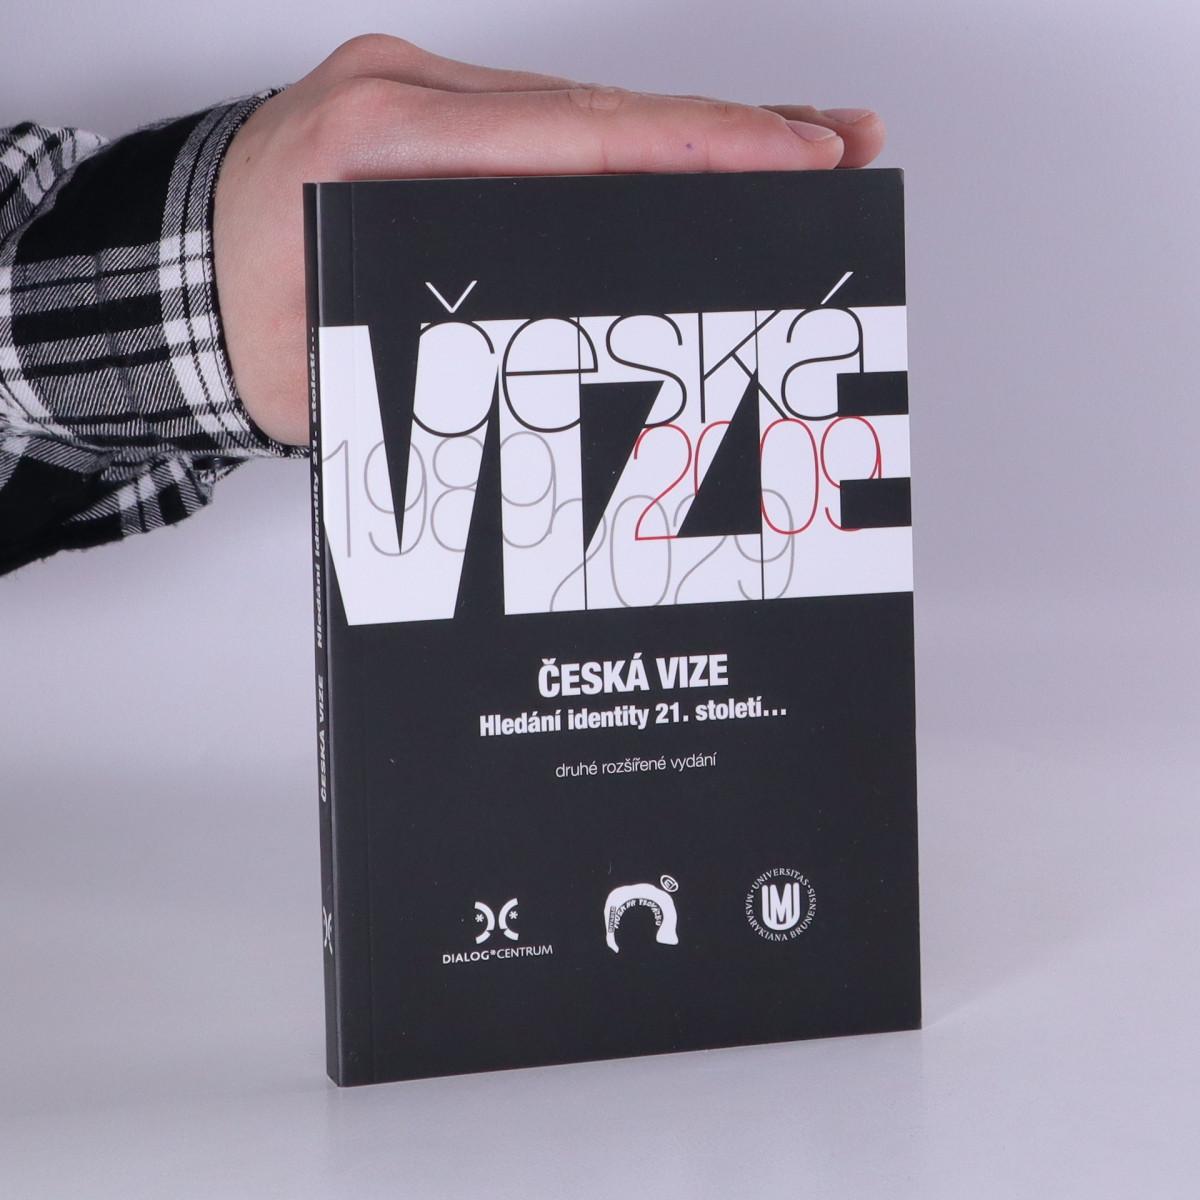 antikvární kniha Česká vize : hledání identity 21. století..., 2011